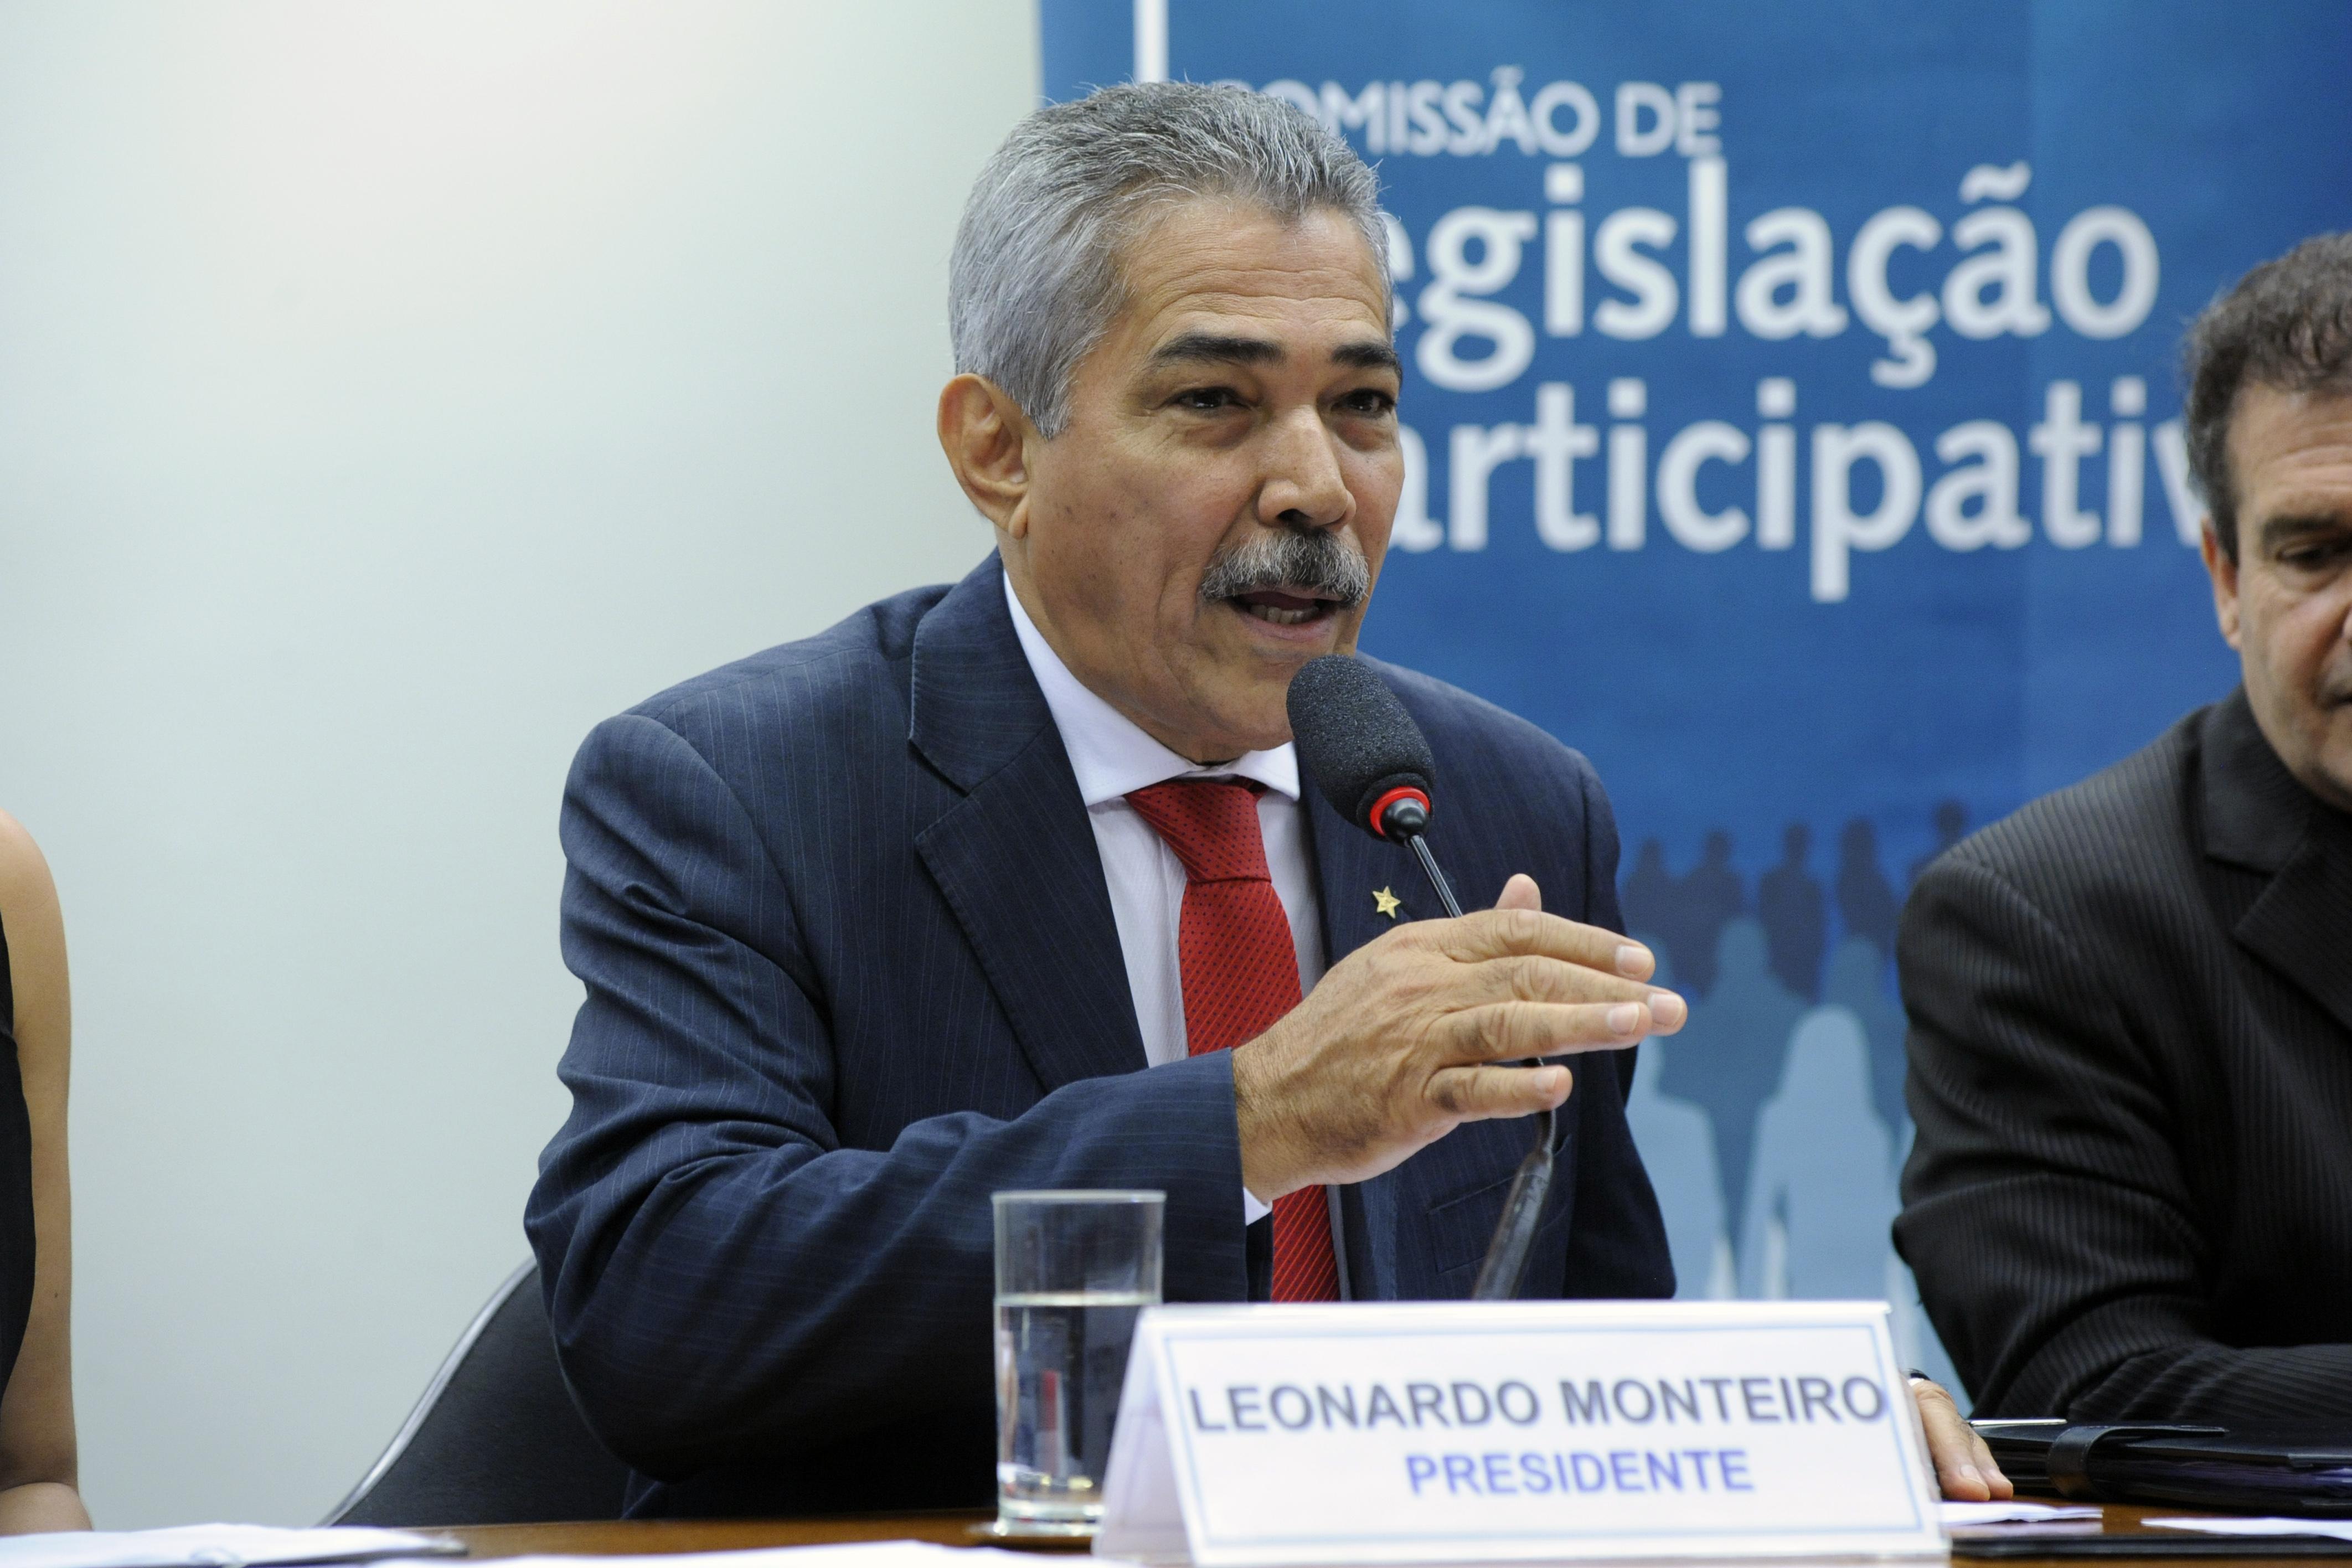 Instalação dos trabalhos da 1ª Sessão Legislativa da 56ª Legislatura e eleição do presidente e vice-presidentes da comissão. Dep. Leonardo Monteiro (PT - MG)